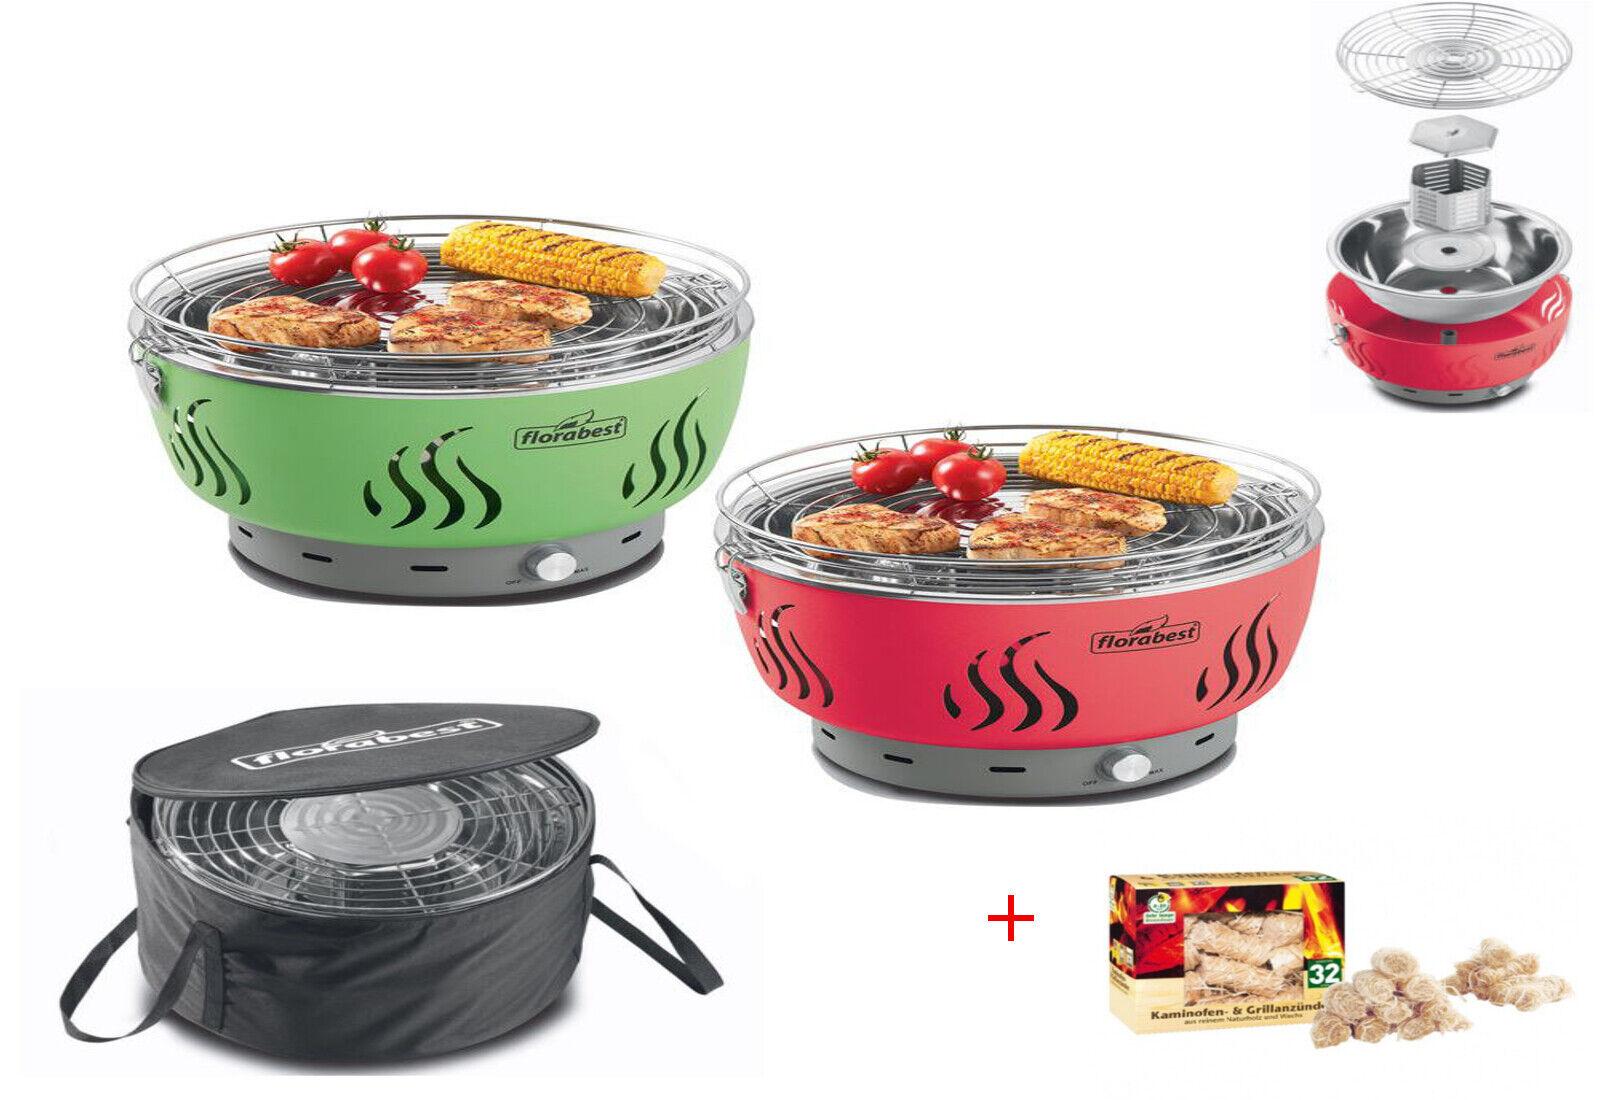 Rauchfreier Holzkohlegrill Vergleich : Grill rauchfrei test vergleich grill rauchfrei günstig kaufen